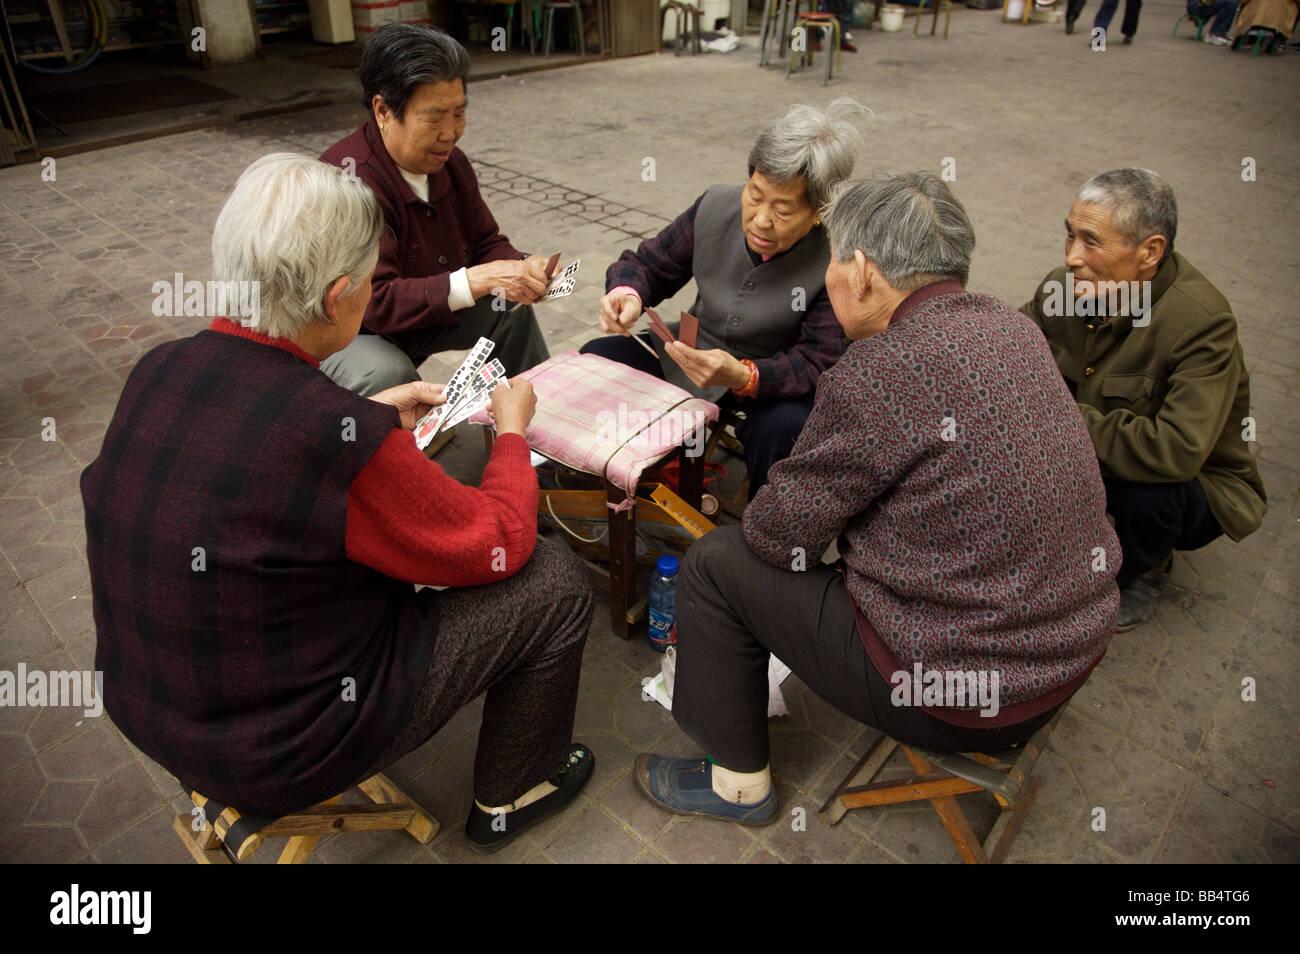 Einheimische spielen chinesische Kartenspiel auf der Straße Stockbild